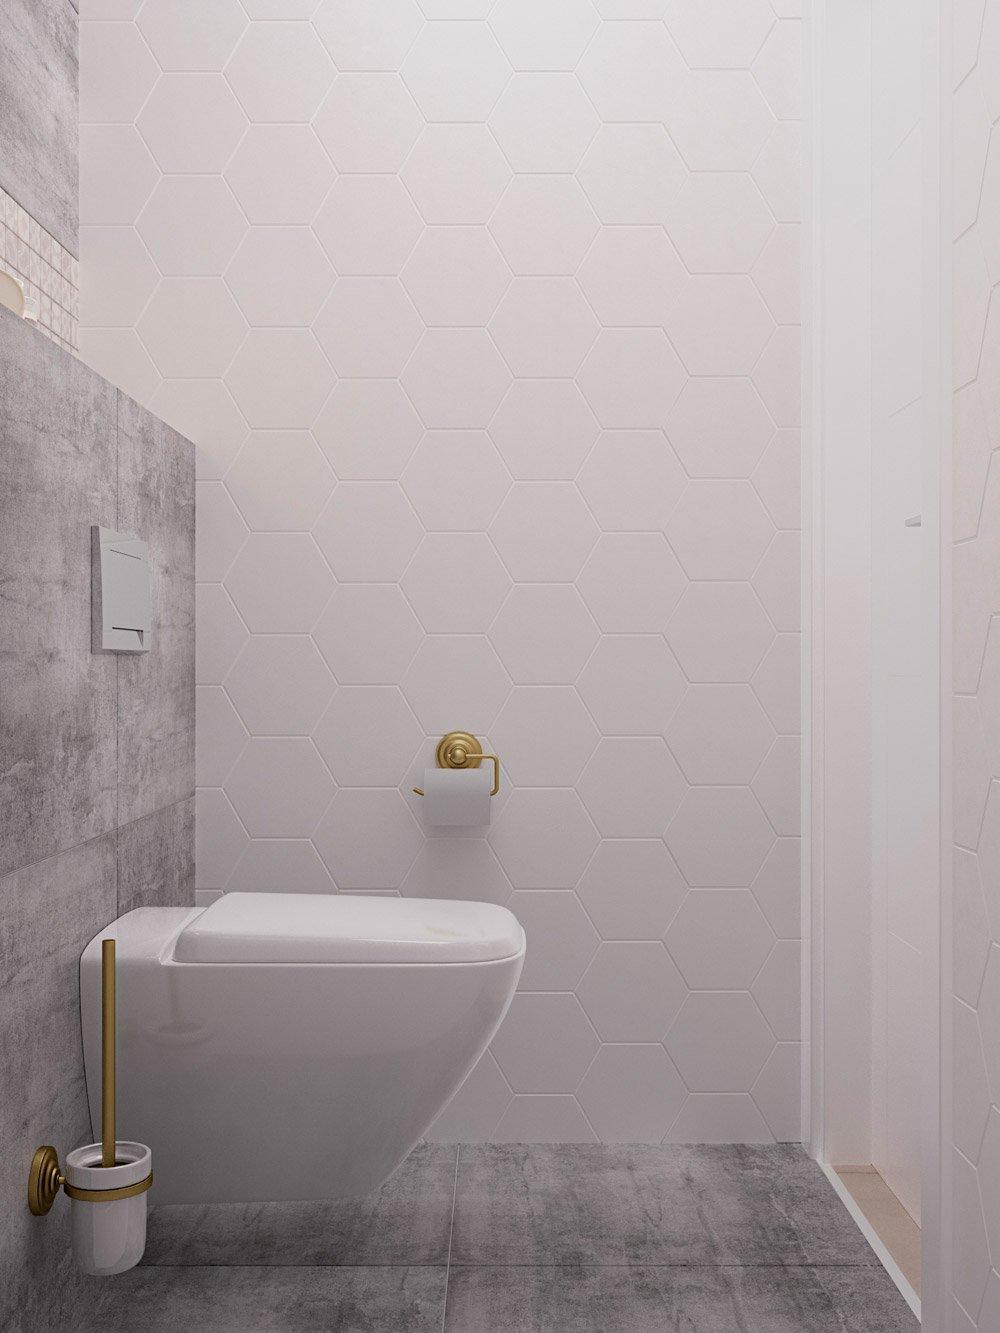 Аккуратный маленький туалет в квартиру